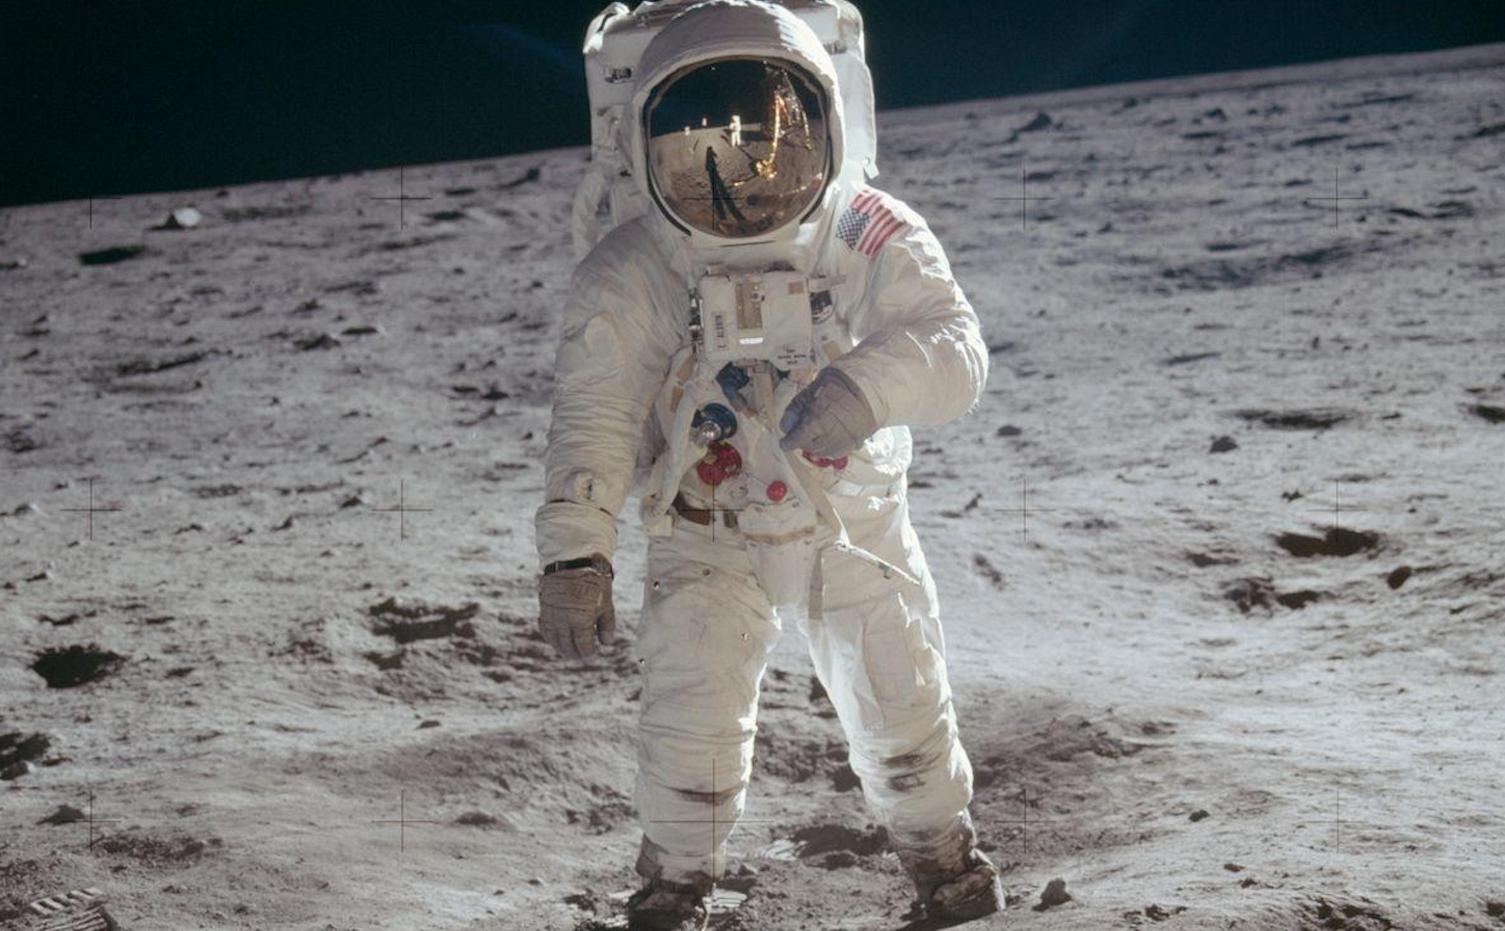 Foto 360º de la NASA revela lo que vio Buzz Aldrin al pisar la luna